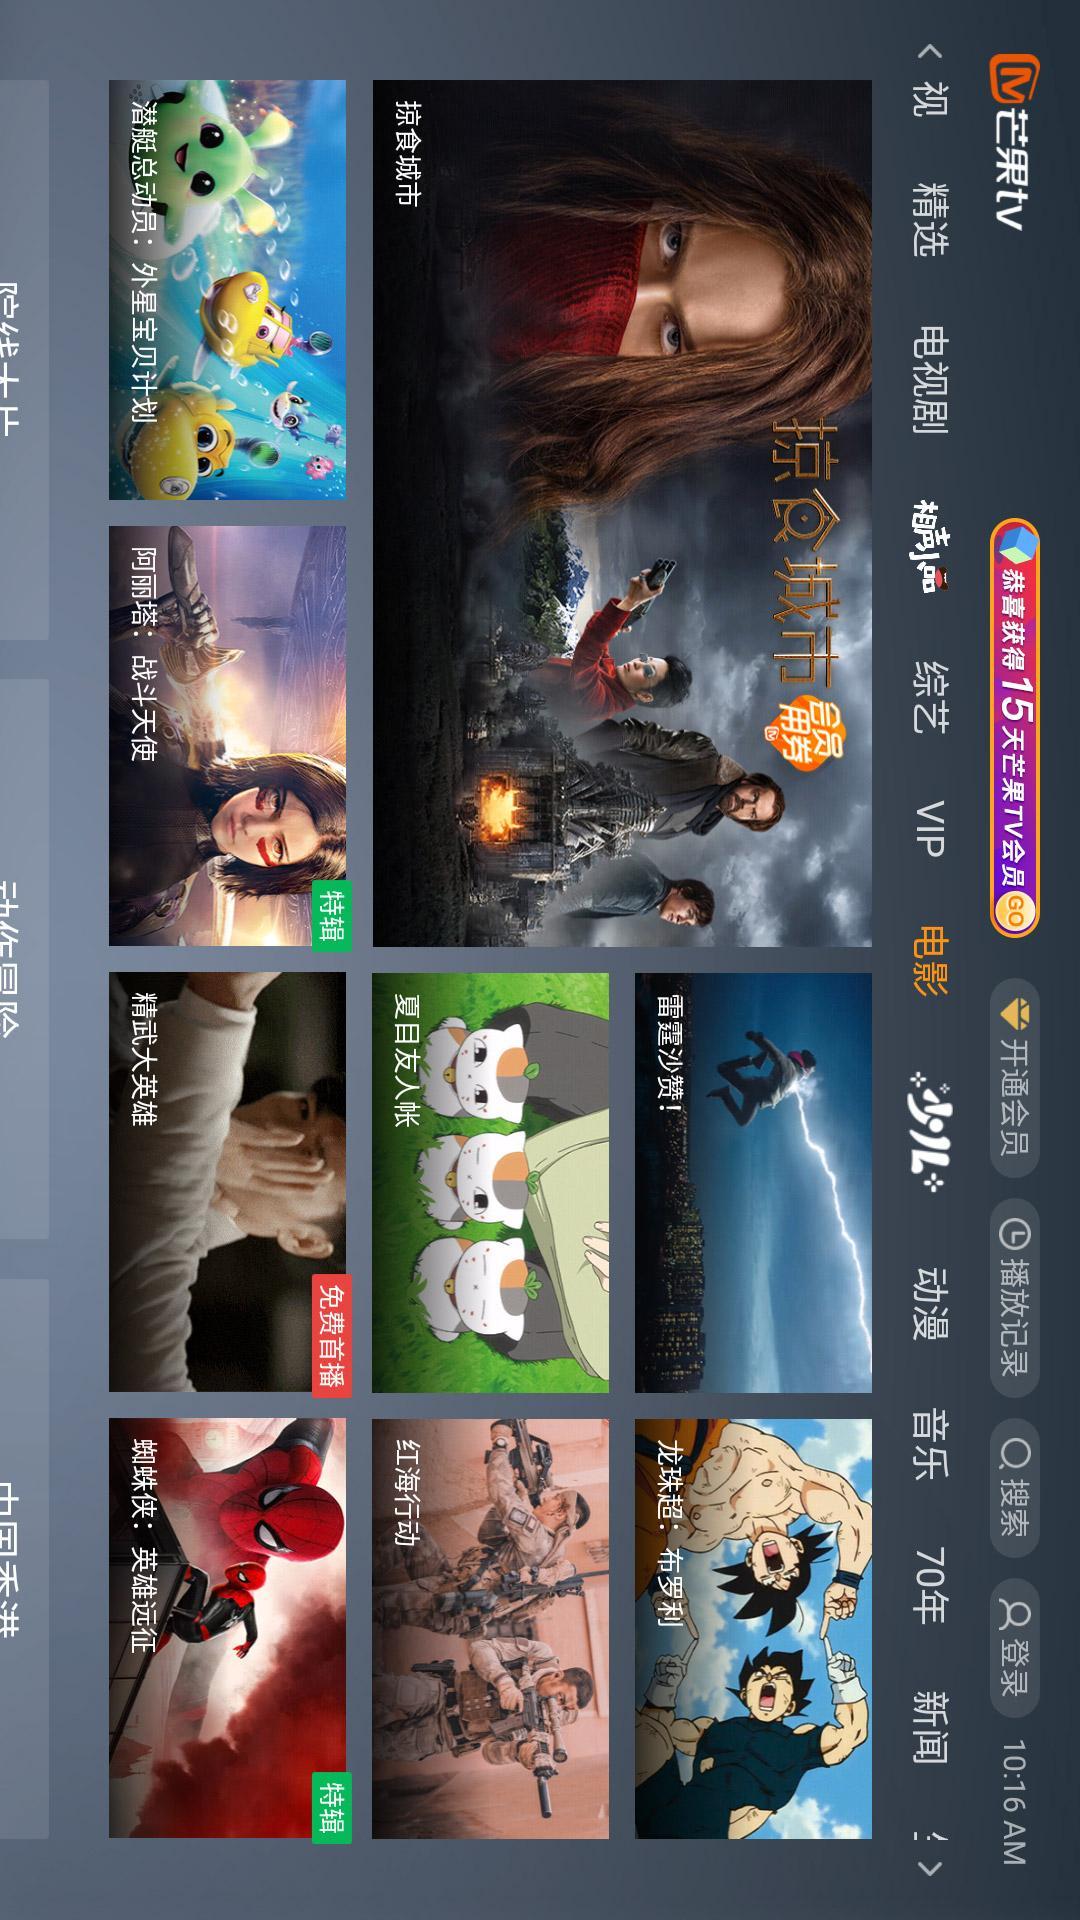 芒果台tv下载_芒果TV免费下载_华为应用市场|芒果TV安卓版(5.10.103.398.3.HWPAD_TVAPP.0 ...